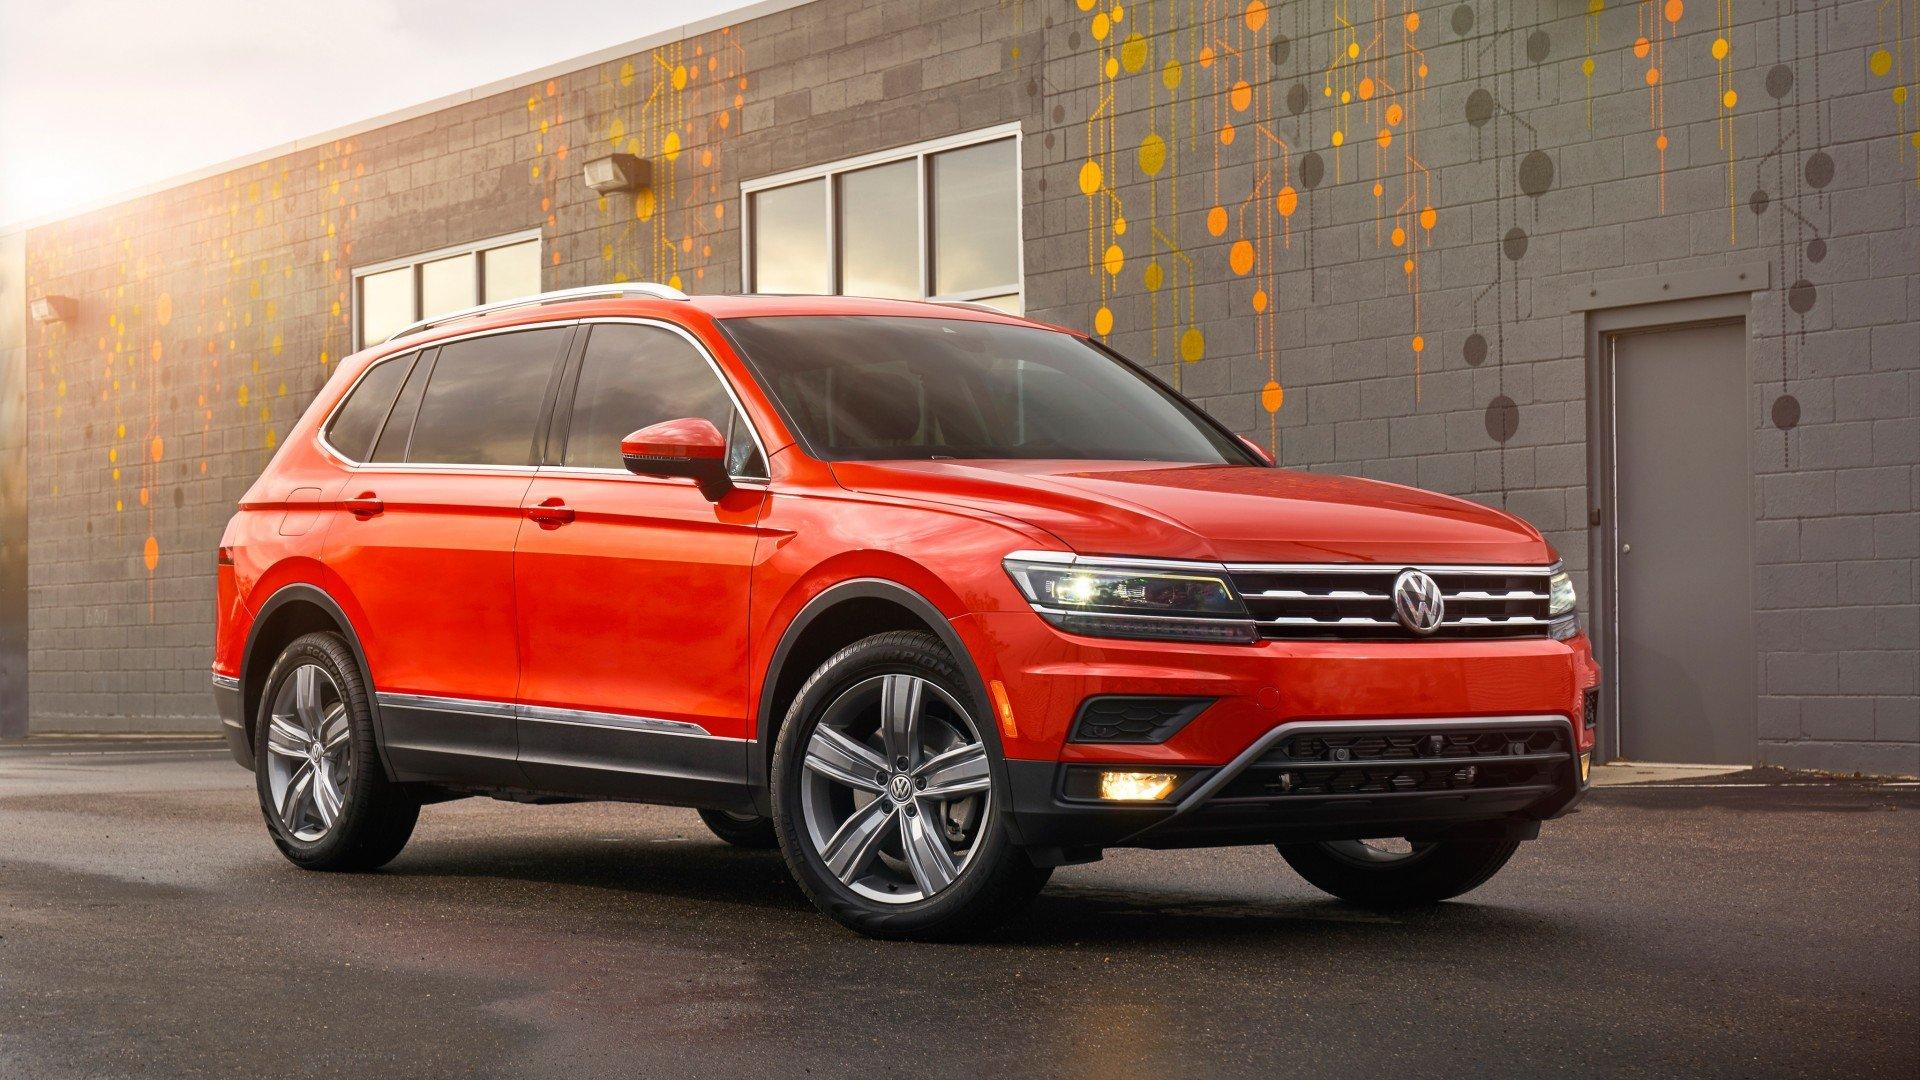 Volkswagen отзывает сотни тысяч потенциально опасных машин